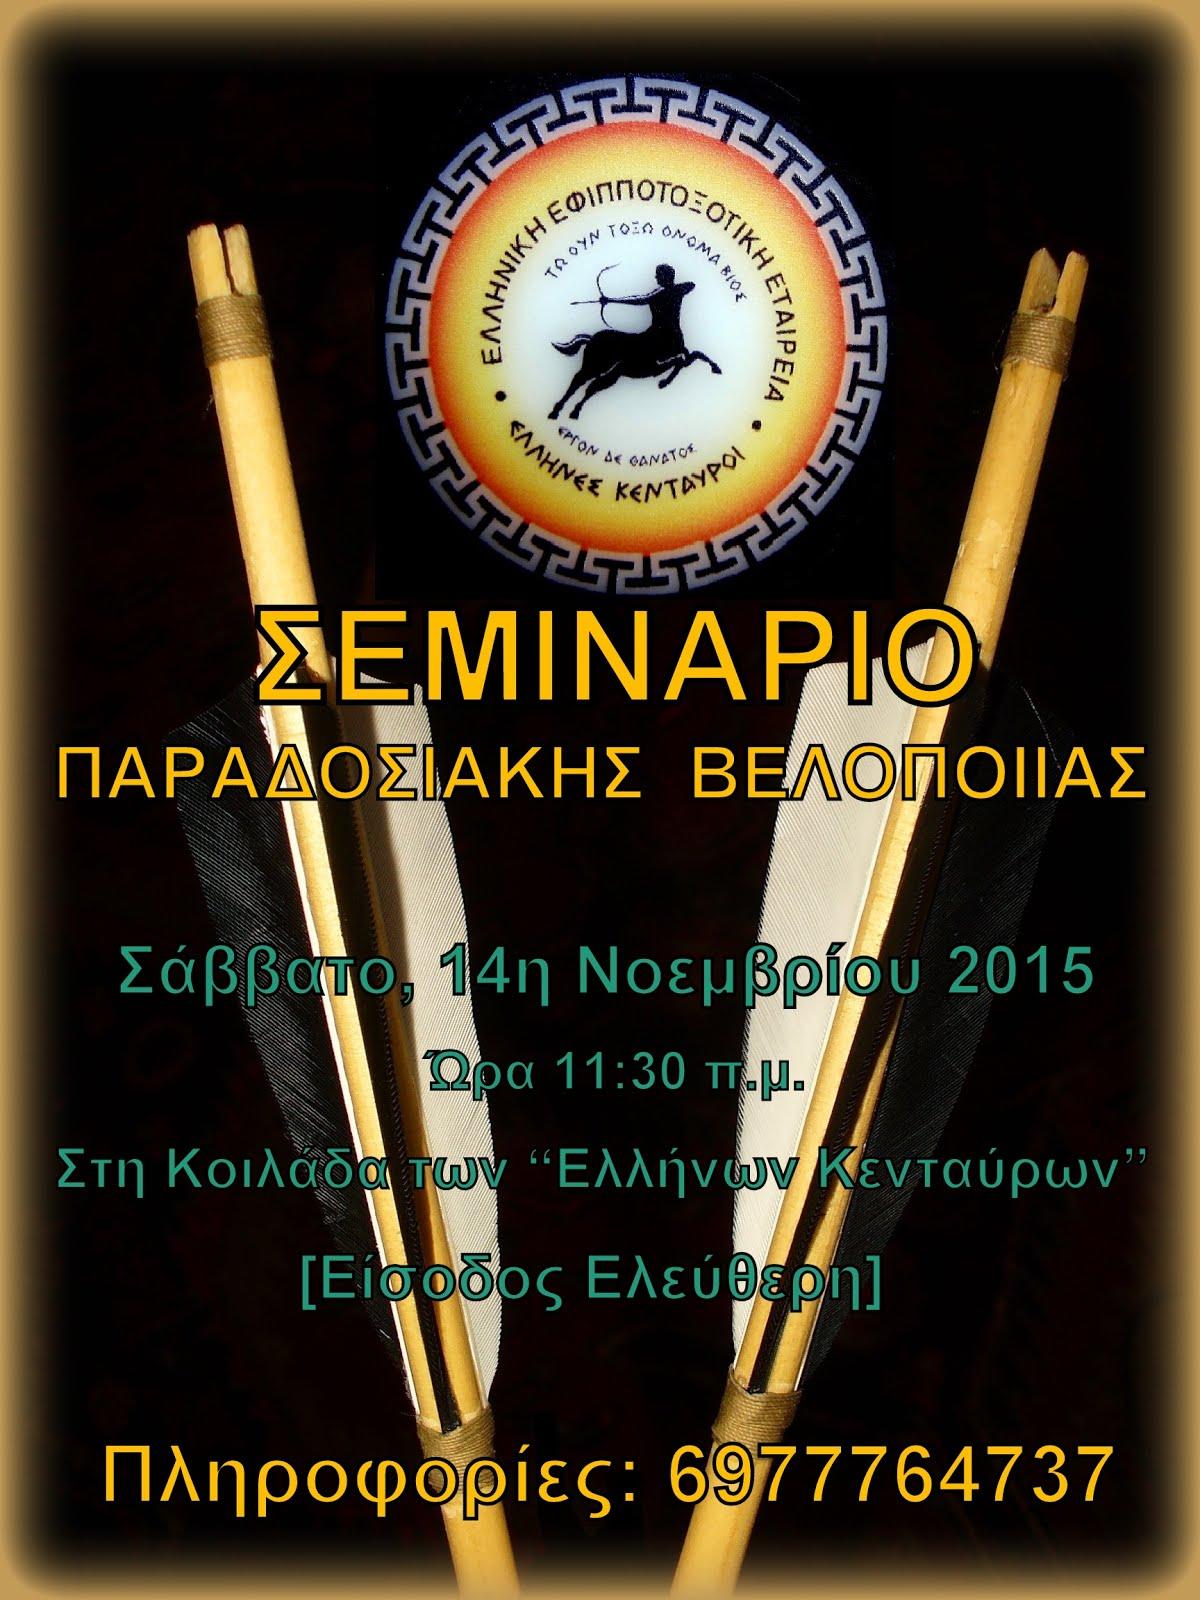 3ο ΣΕΜΙΝΑΡΙΟ ΠΑΡΑΔΟΣΙΑΚΗΣ ΒΕΛΟΠΟΙΙΑΣ